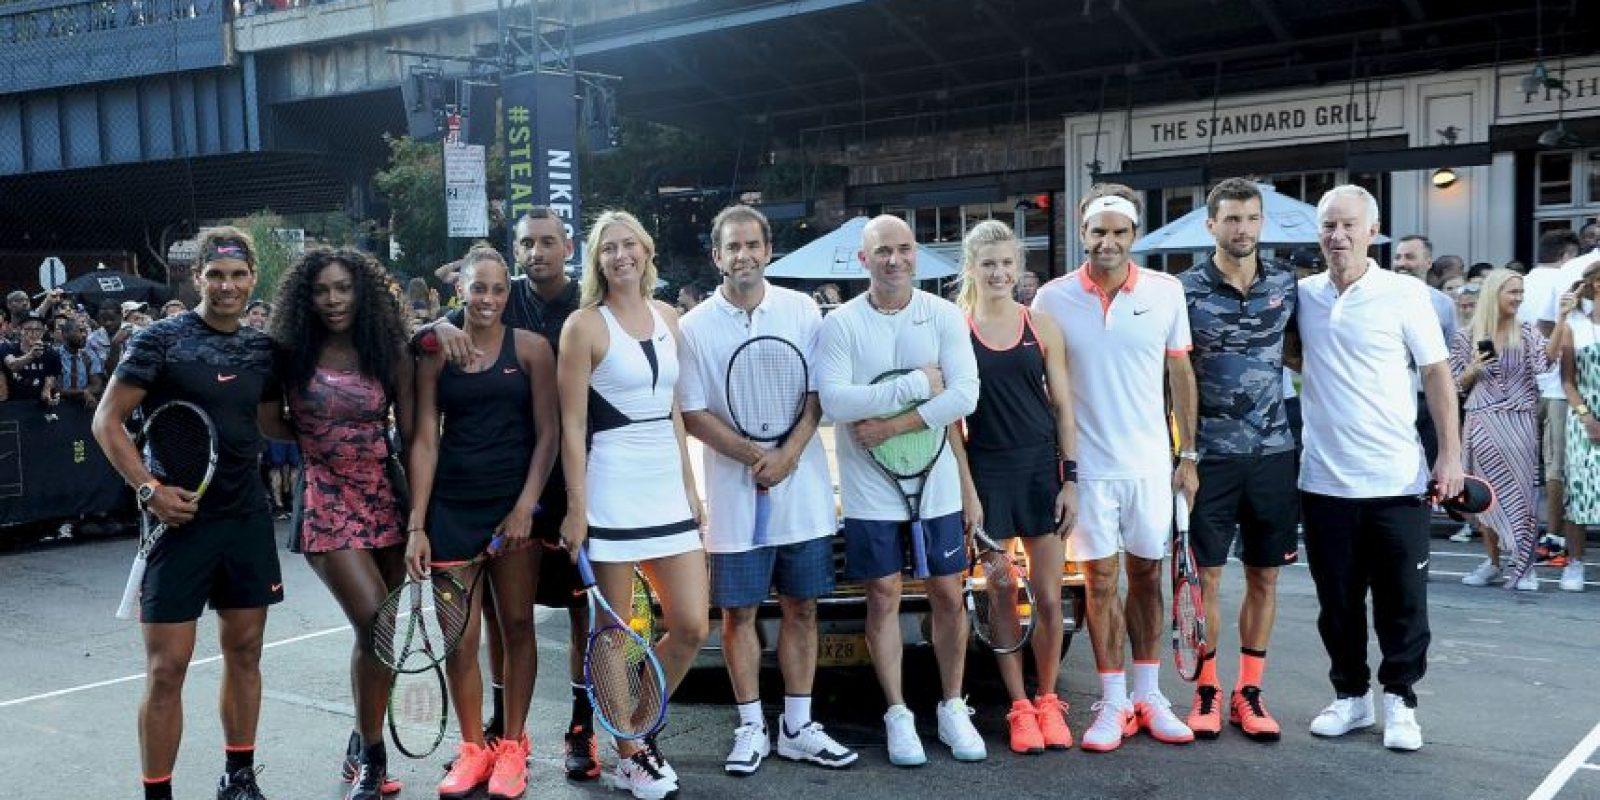 """Ahora, las figuras del momento: Roger Federer, Serena Williams, Rafael Nadal y Maria Sharapova, entre otros, grabaron un """"remake"""" de aquél anuncio. Foto:Getty Images"""